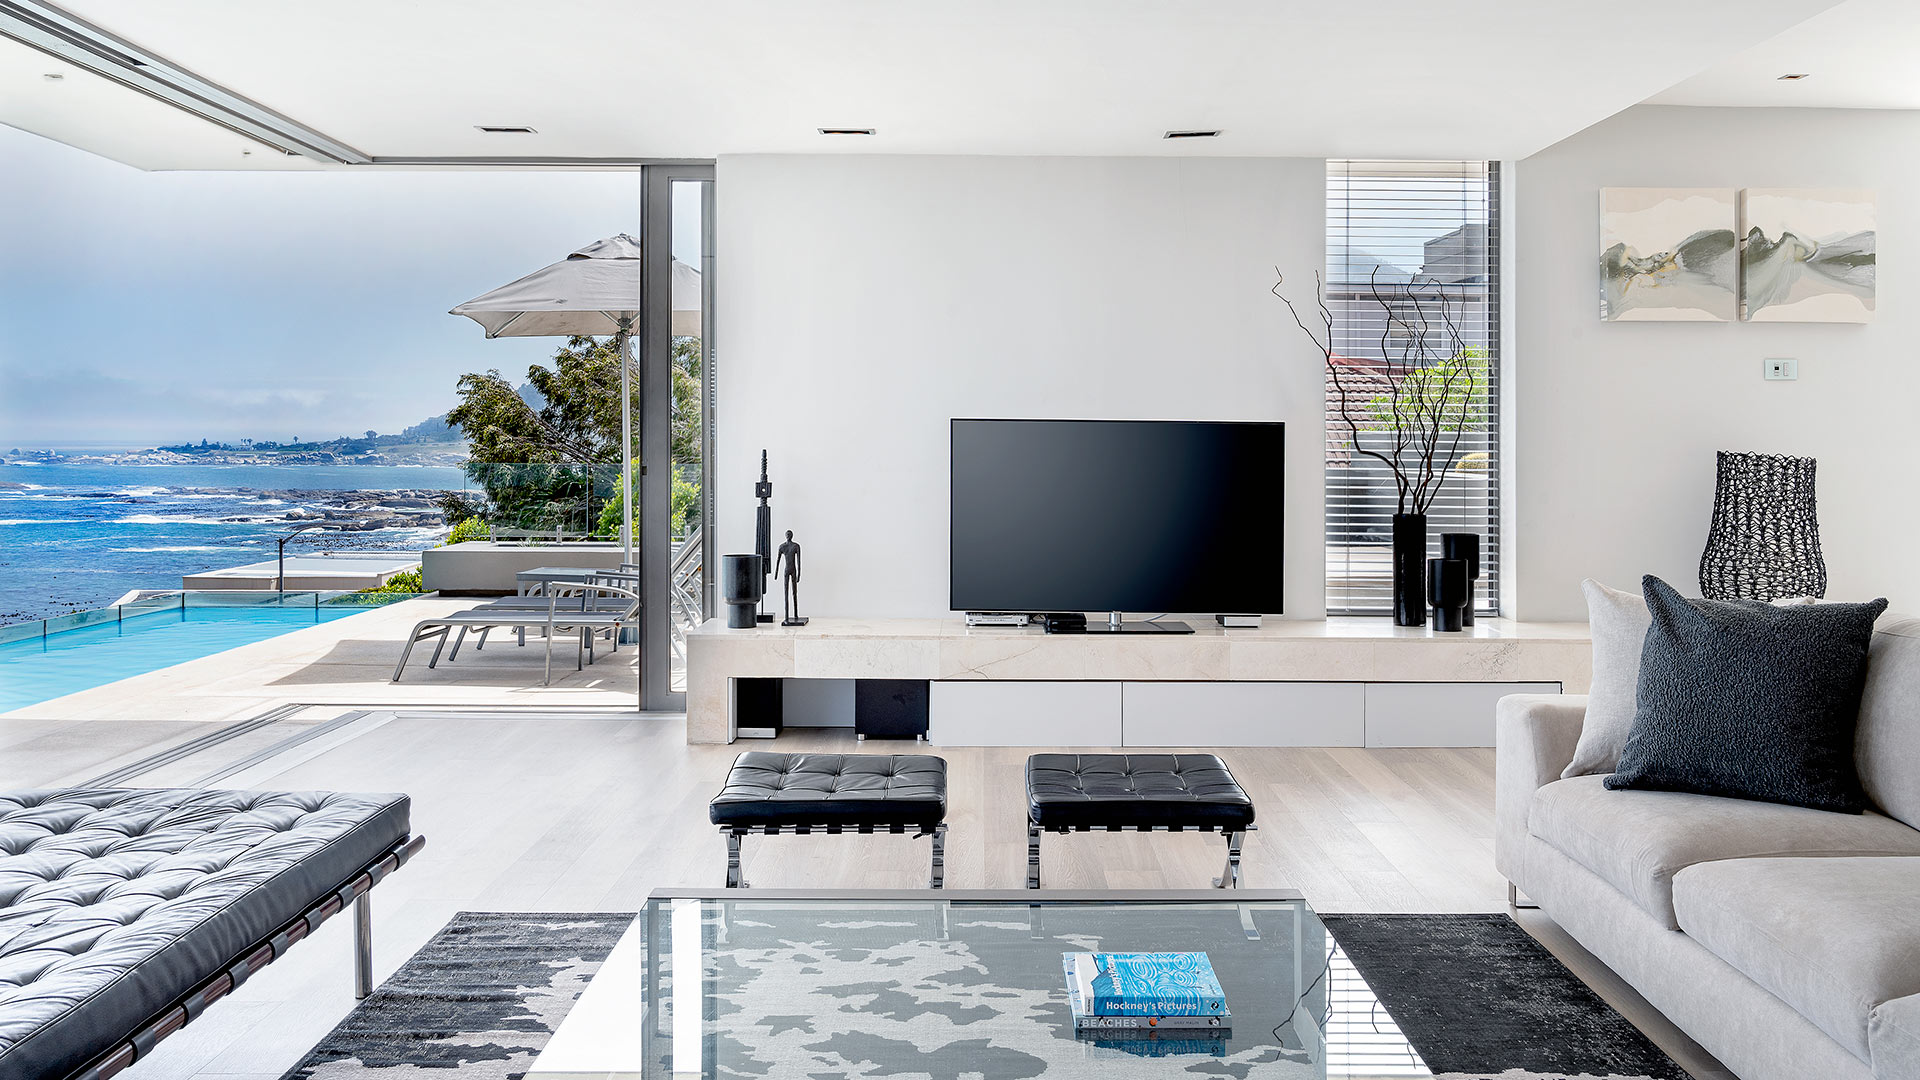 blue-views-villas-penthouse-2-5